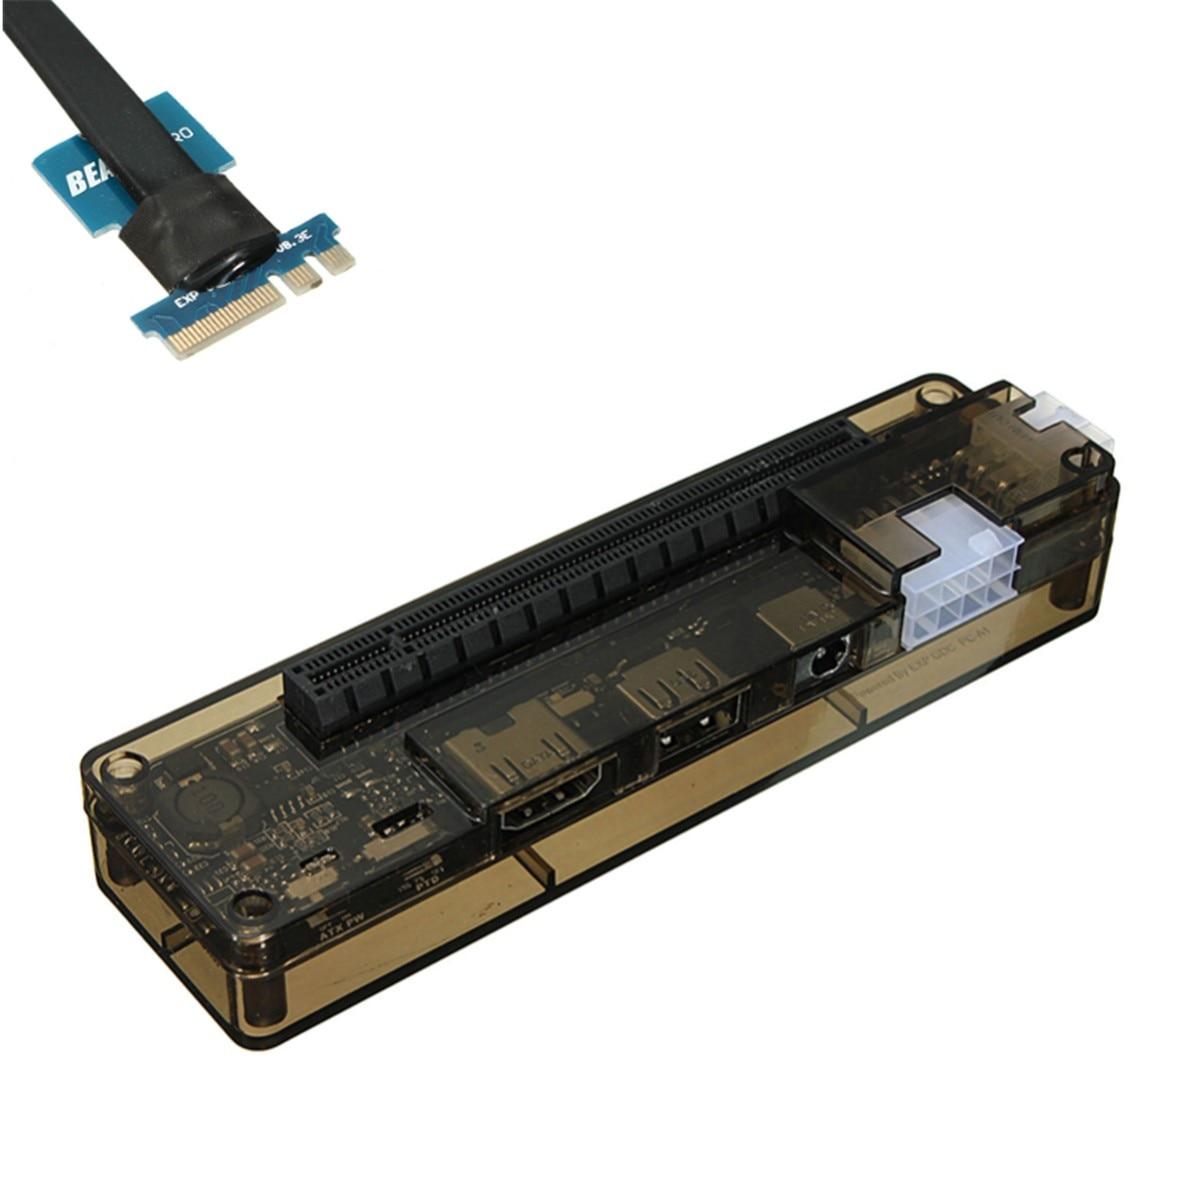 V8.0 EXP GDC bête ordinateur portable externe indépendant carte vidéo Dock NGFF ordinateur portable PCI-E périphérique d'extension